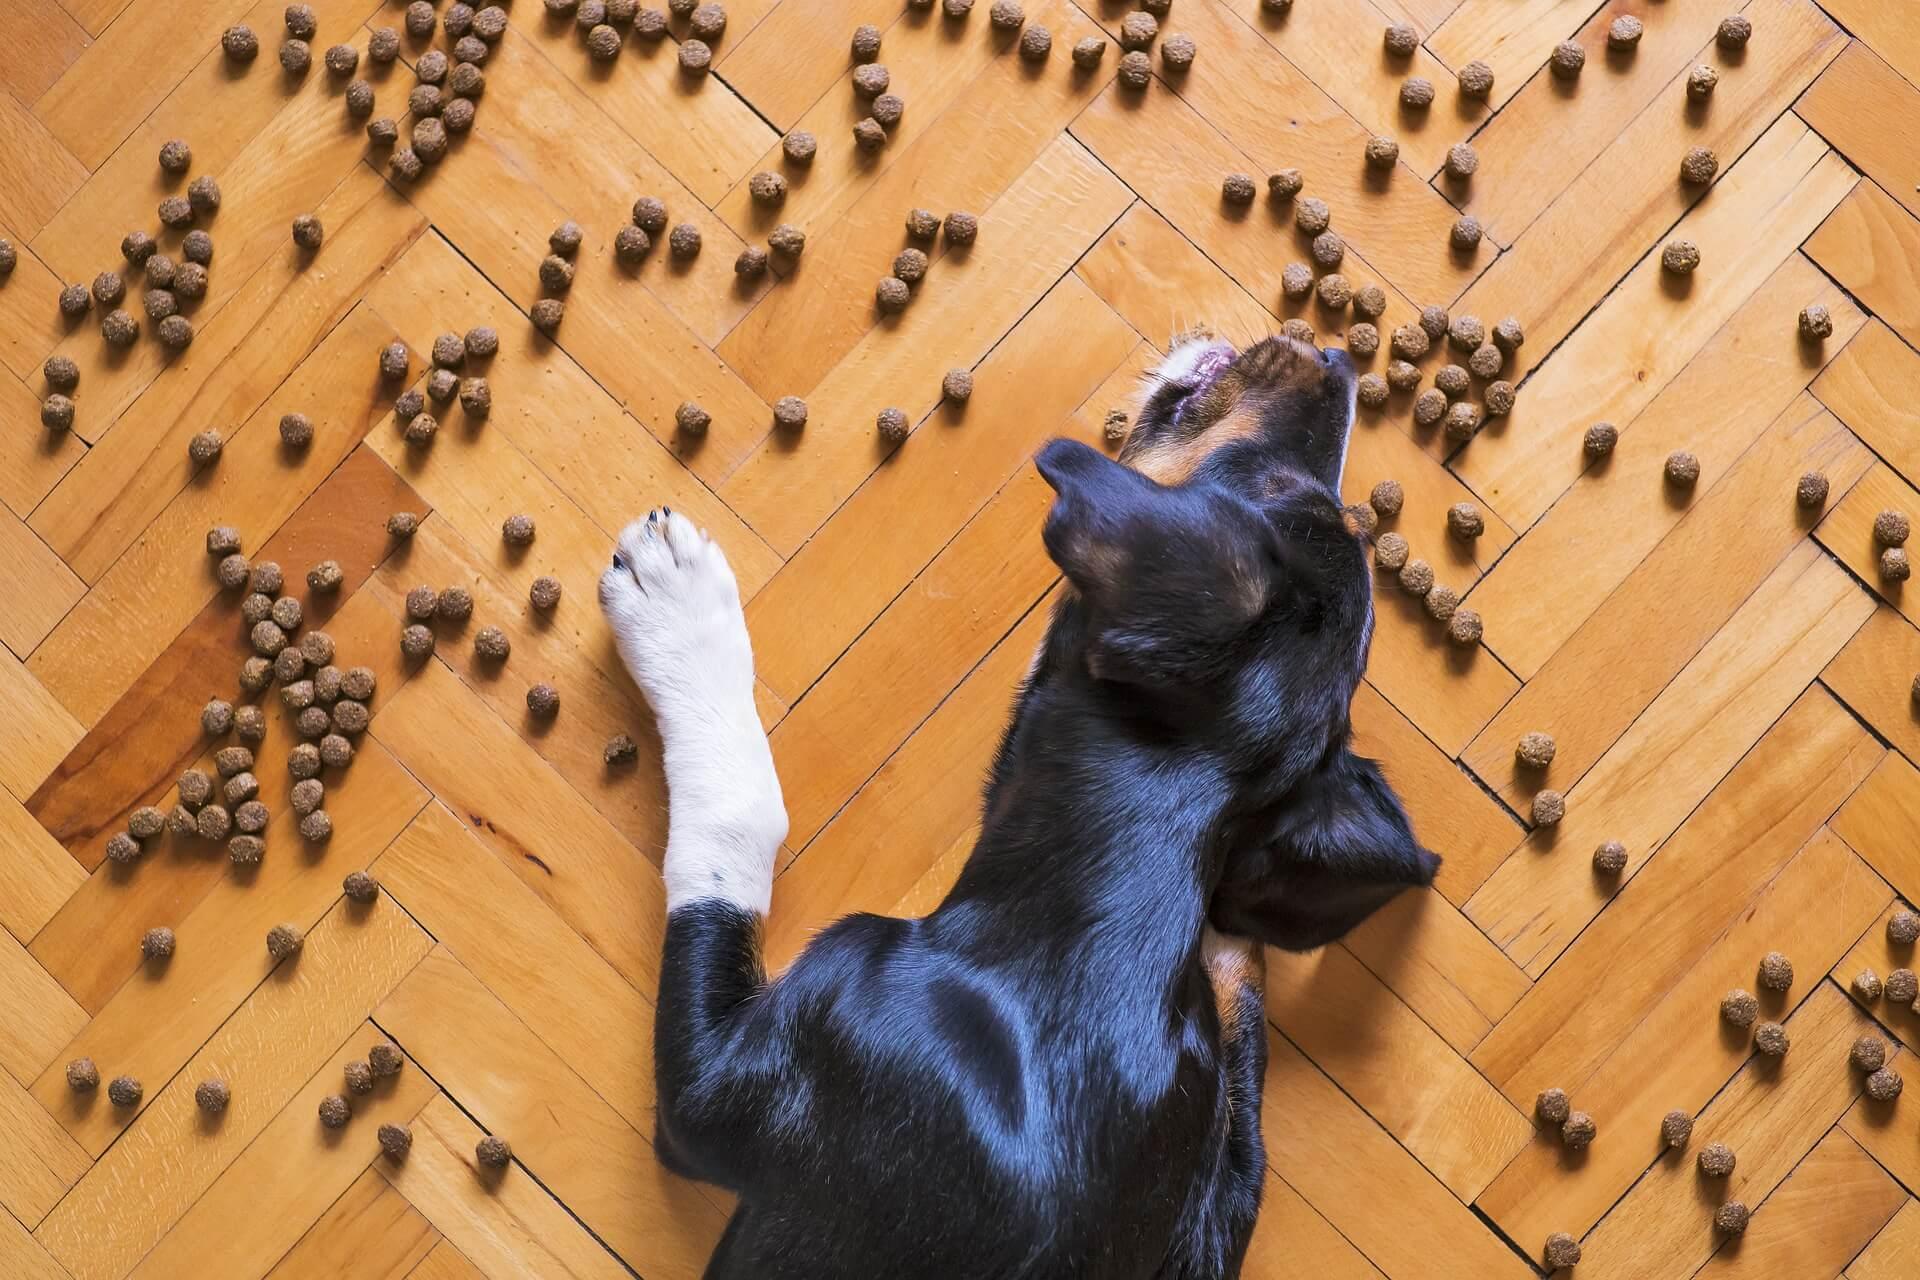 在挑選飼料時,要注意適口性和消化難易程度